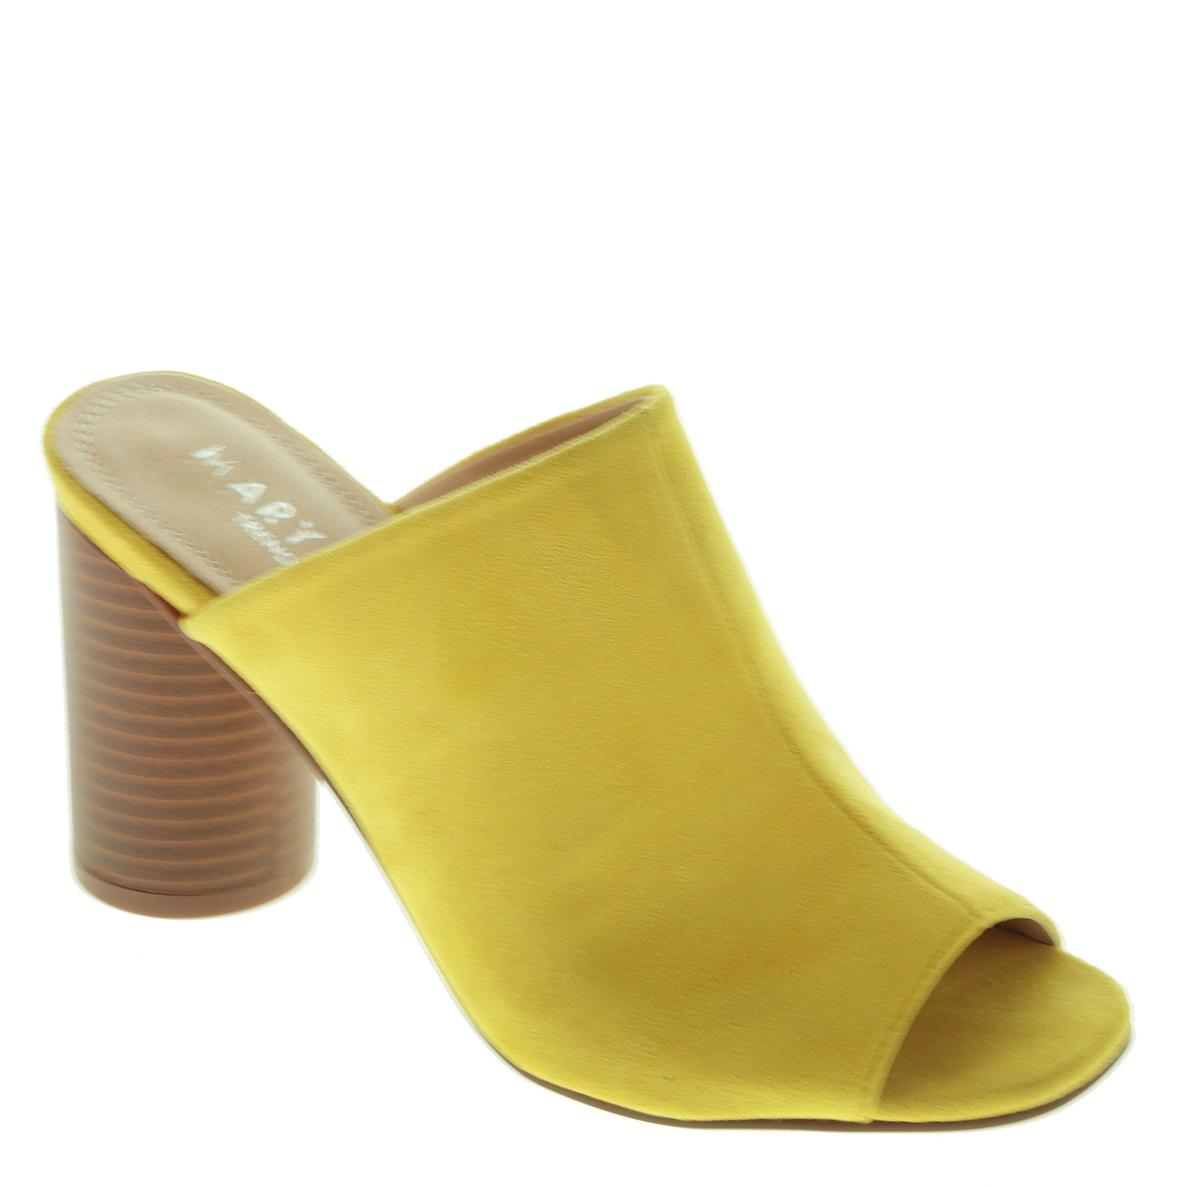 Temporada Nueva Temporada Temporada Zapatos Zapatos Nueva Marypaz Zapatos Zapatos Marypaz Nueva Marypaz Marypaz QdCtsrhBox